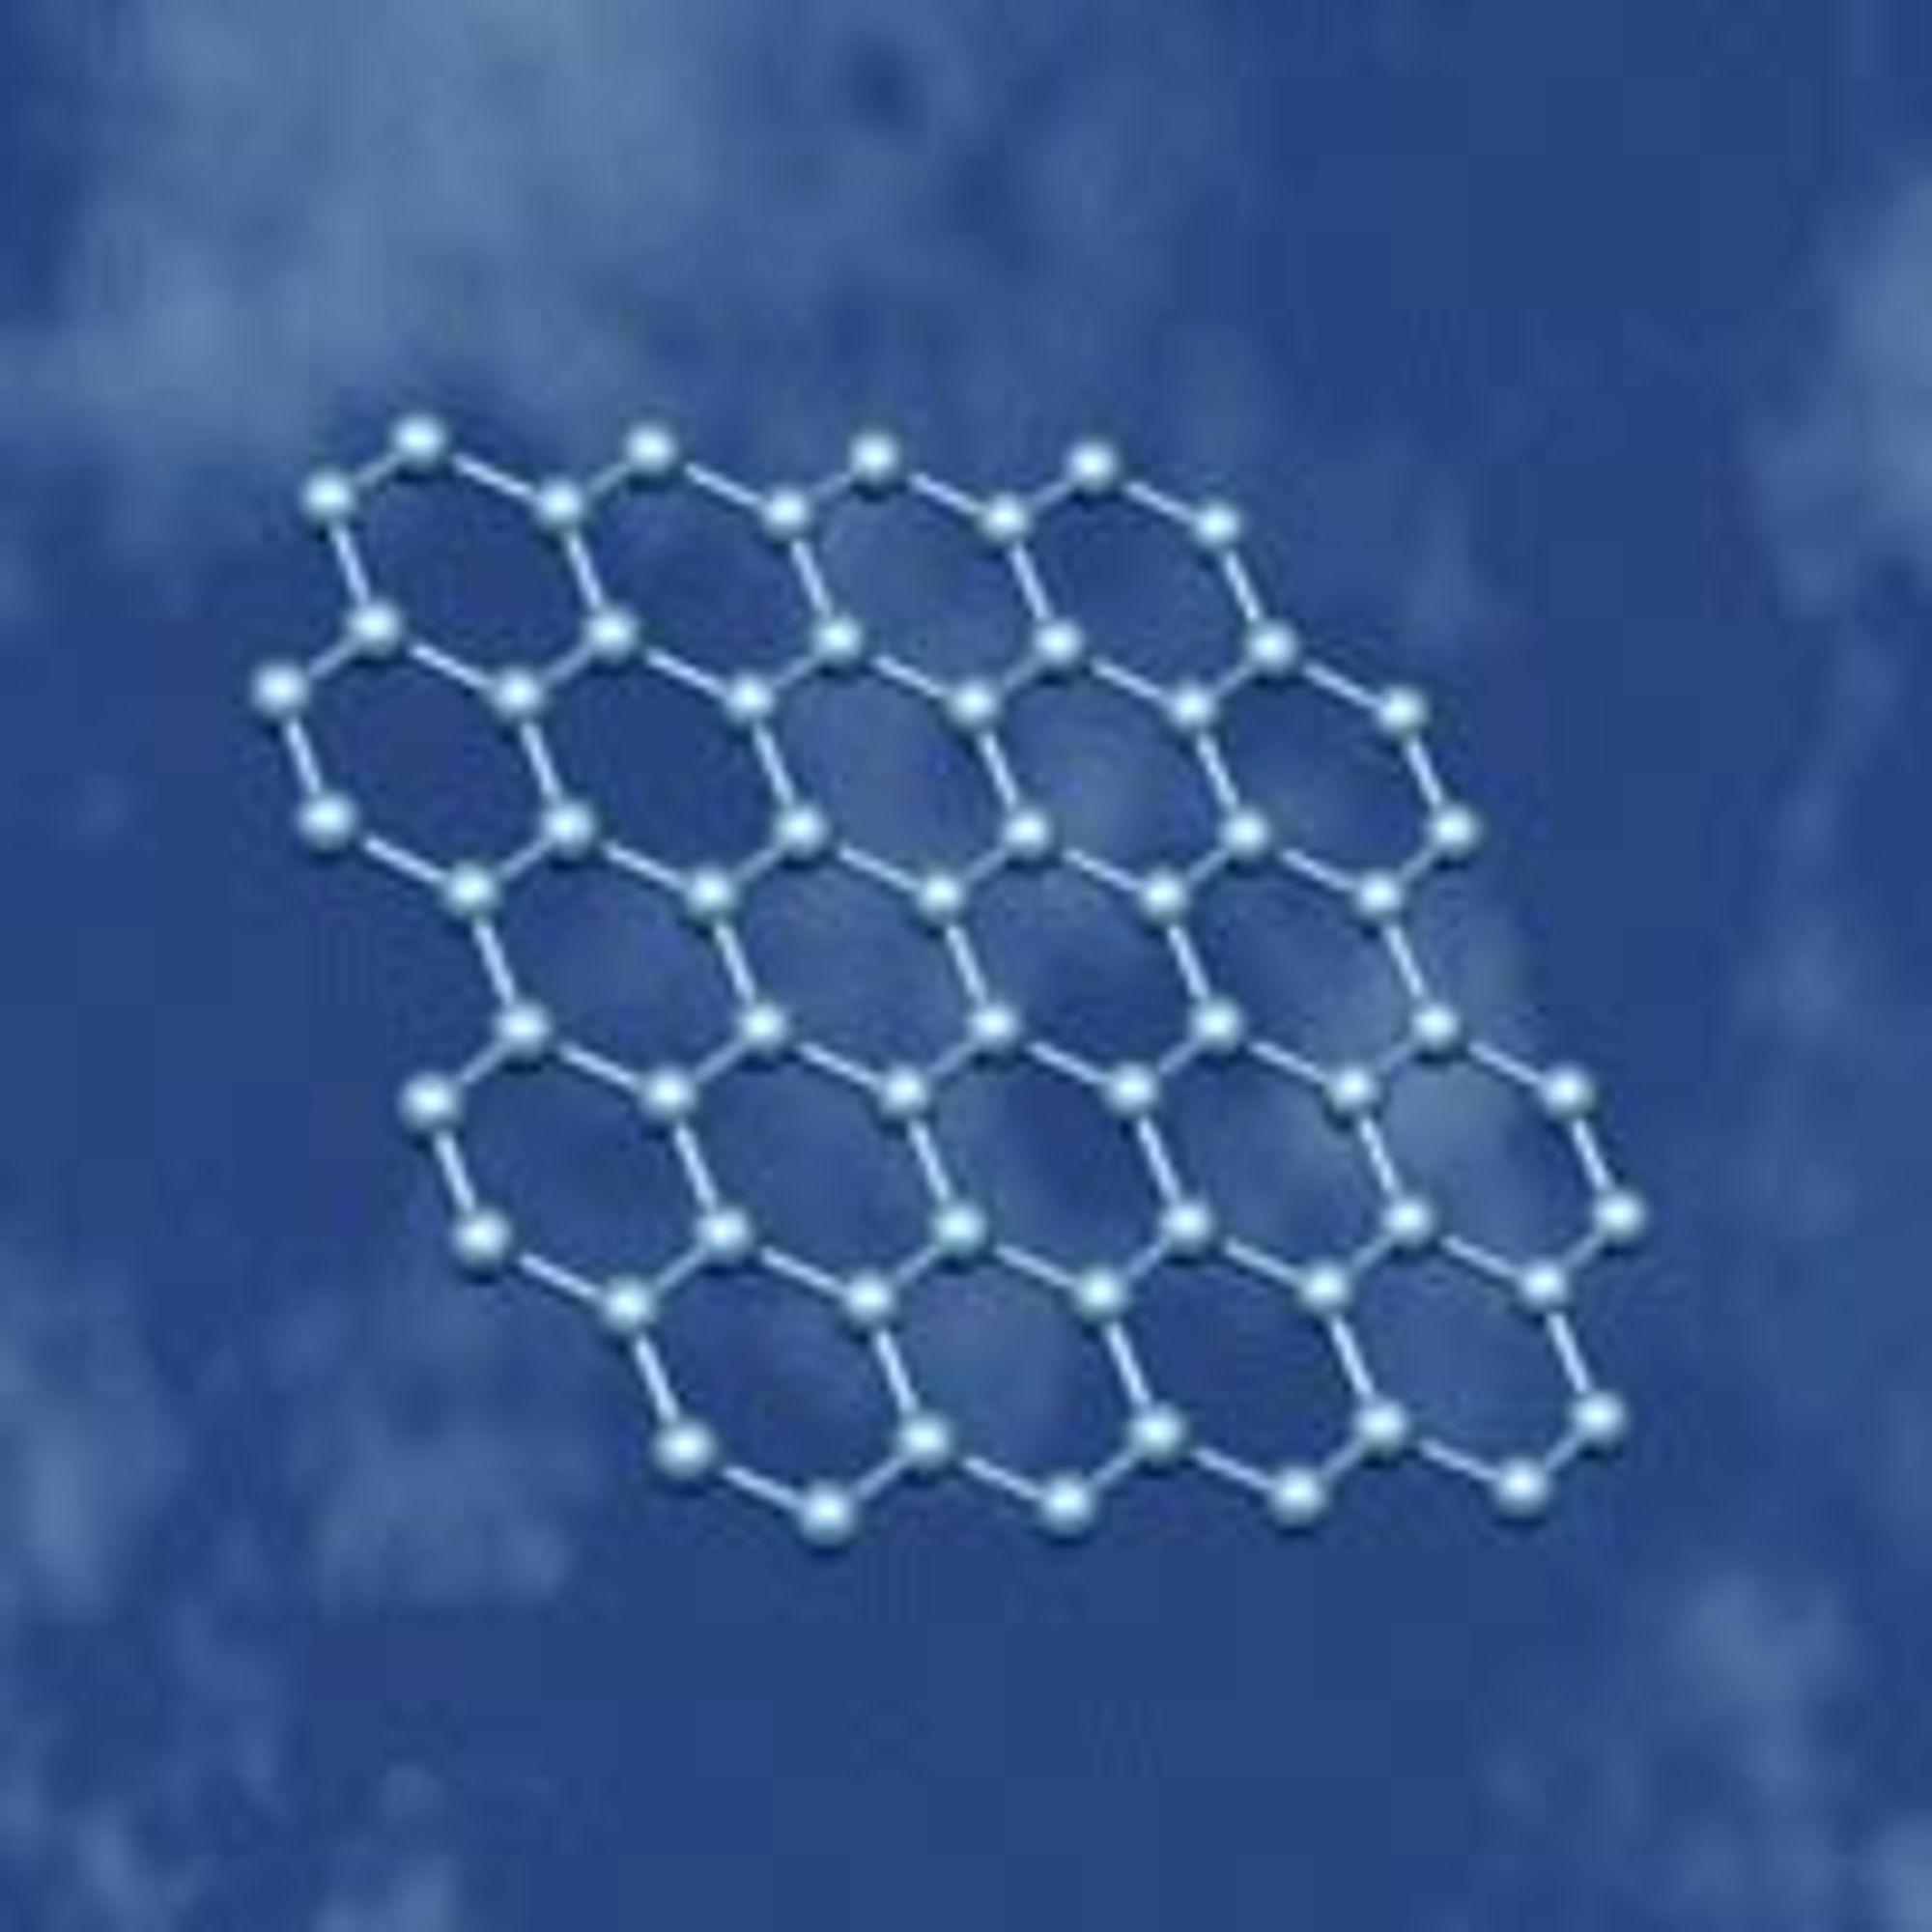 Grafen består av svært tynne lag med karbonatomer ordnet i et bikakelignende mønster.